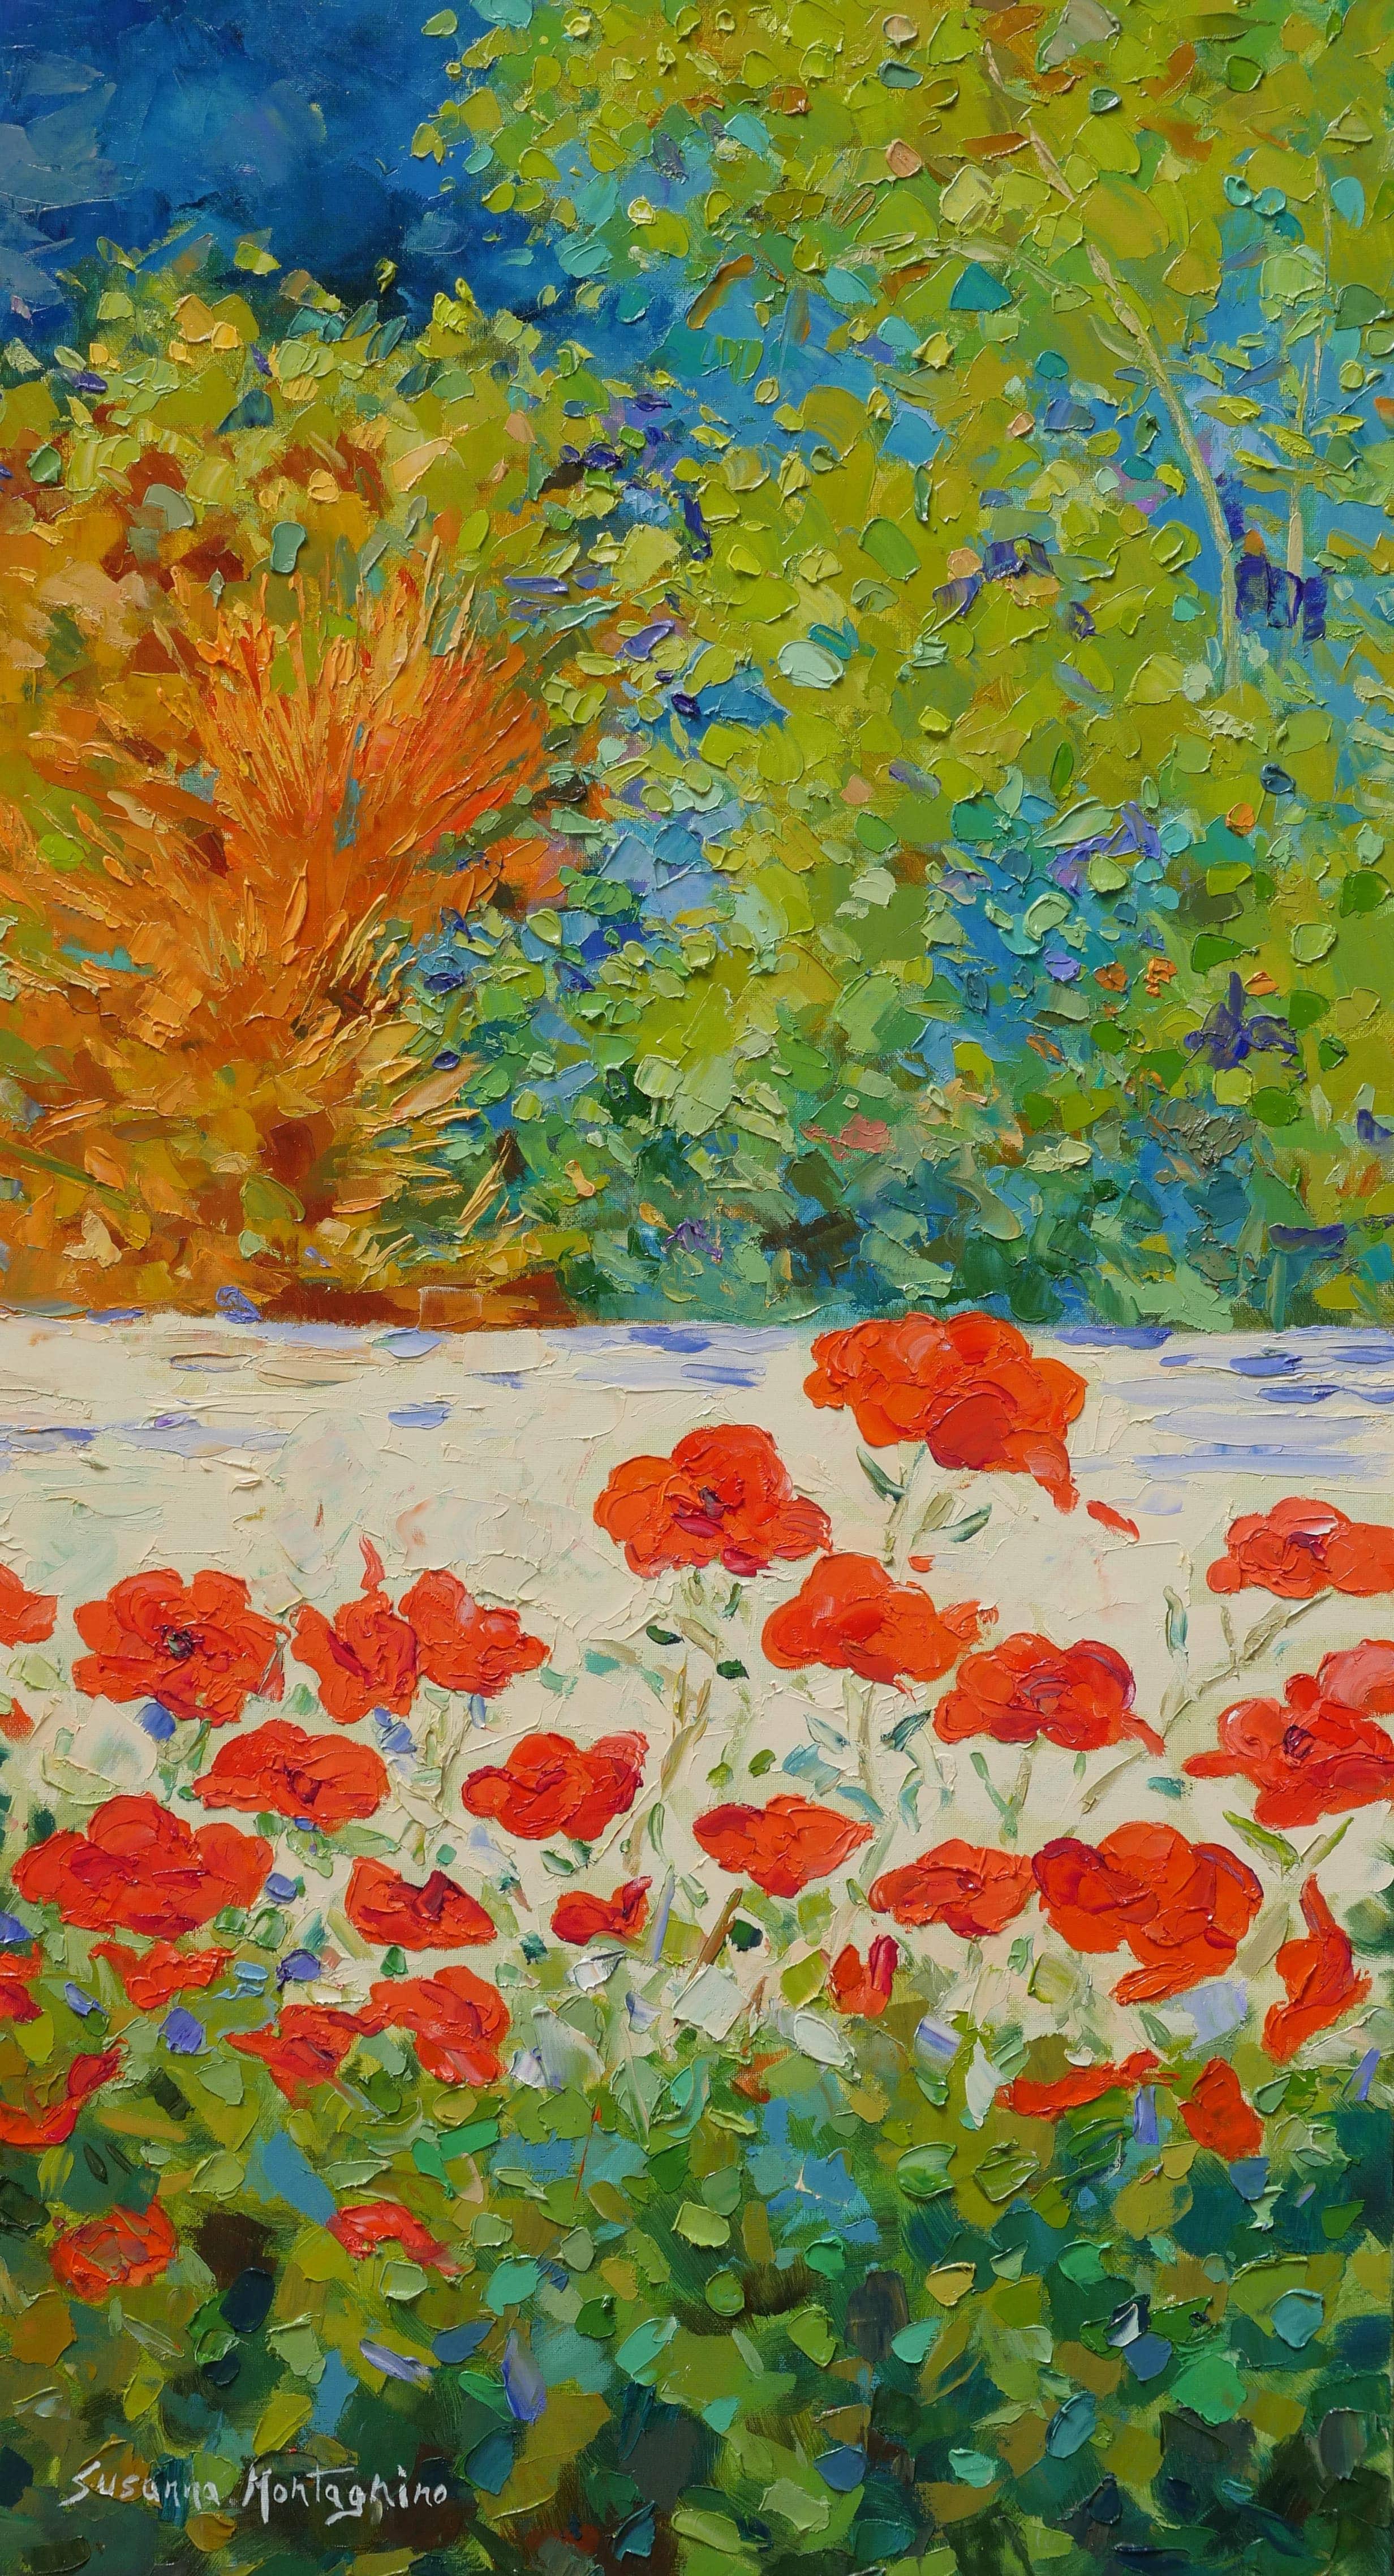 Susanna Landscape 40x80